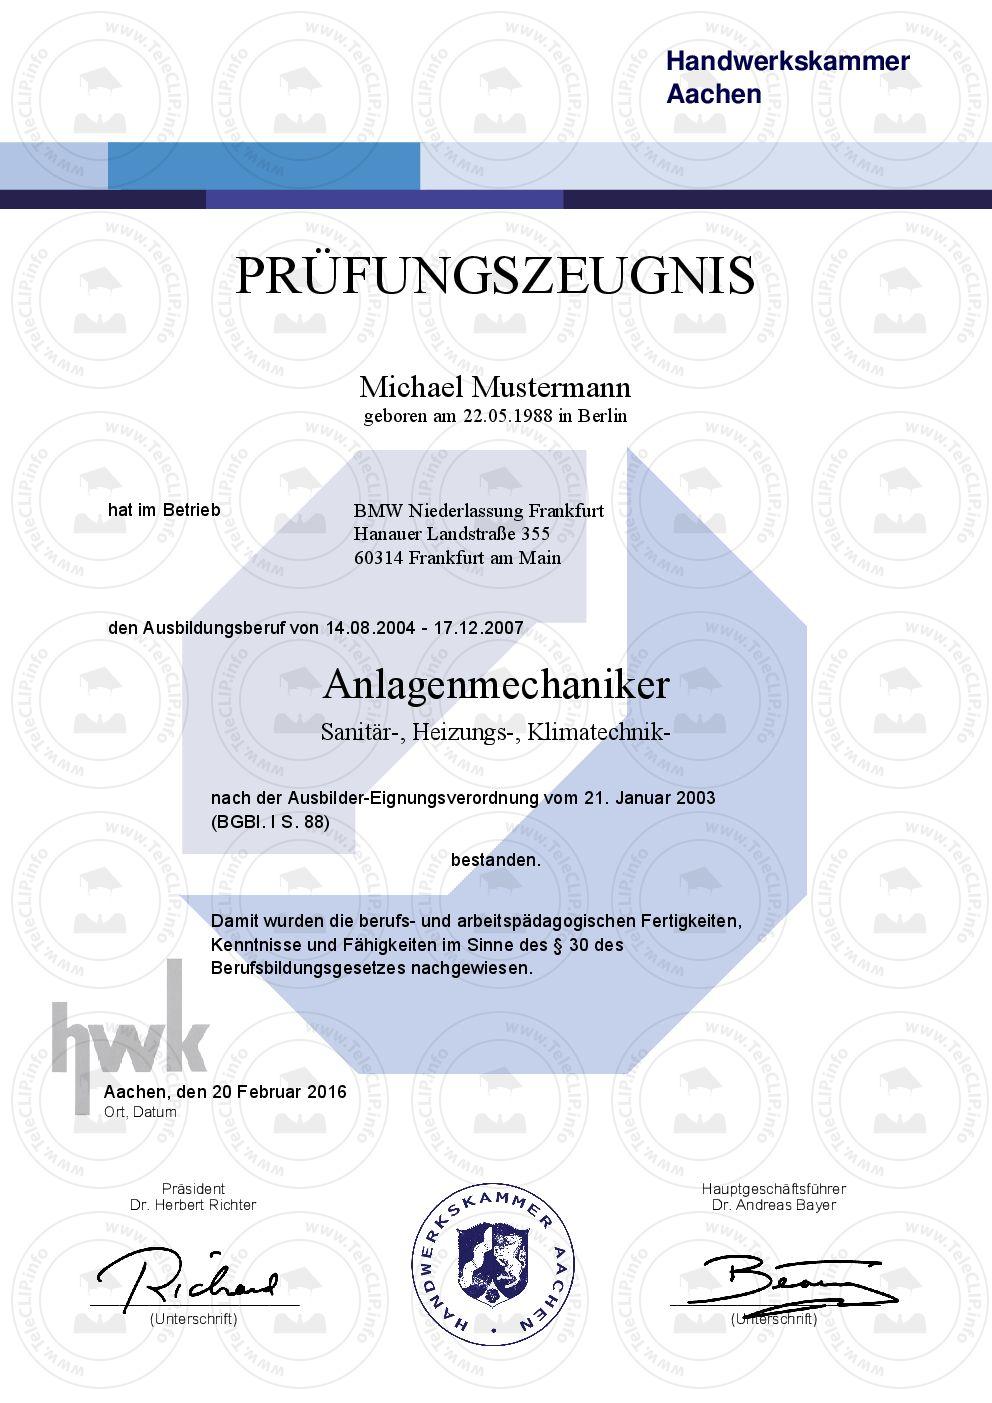 Professionelle HWK Prüfungszeugnisse – Individuelle Urkunden & Doku ...